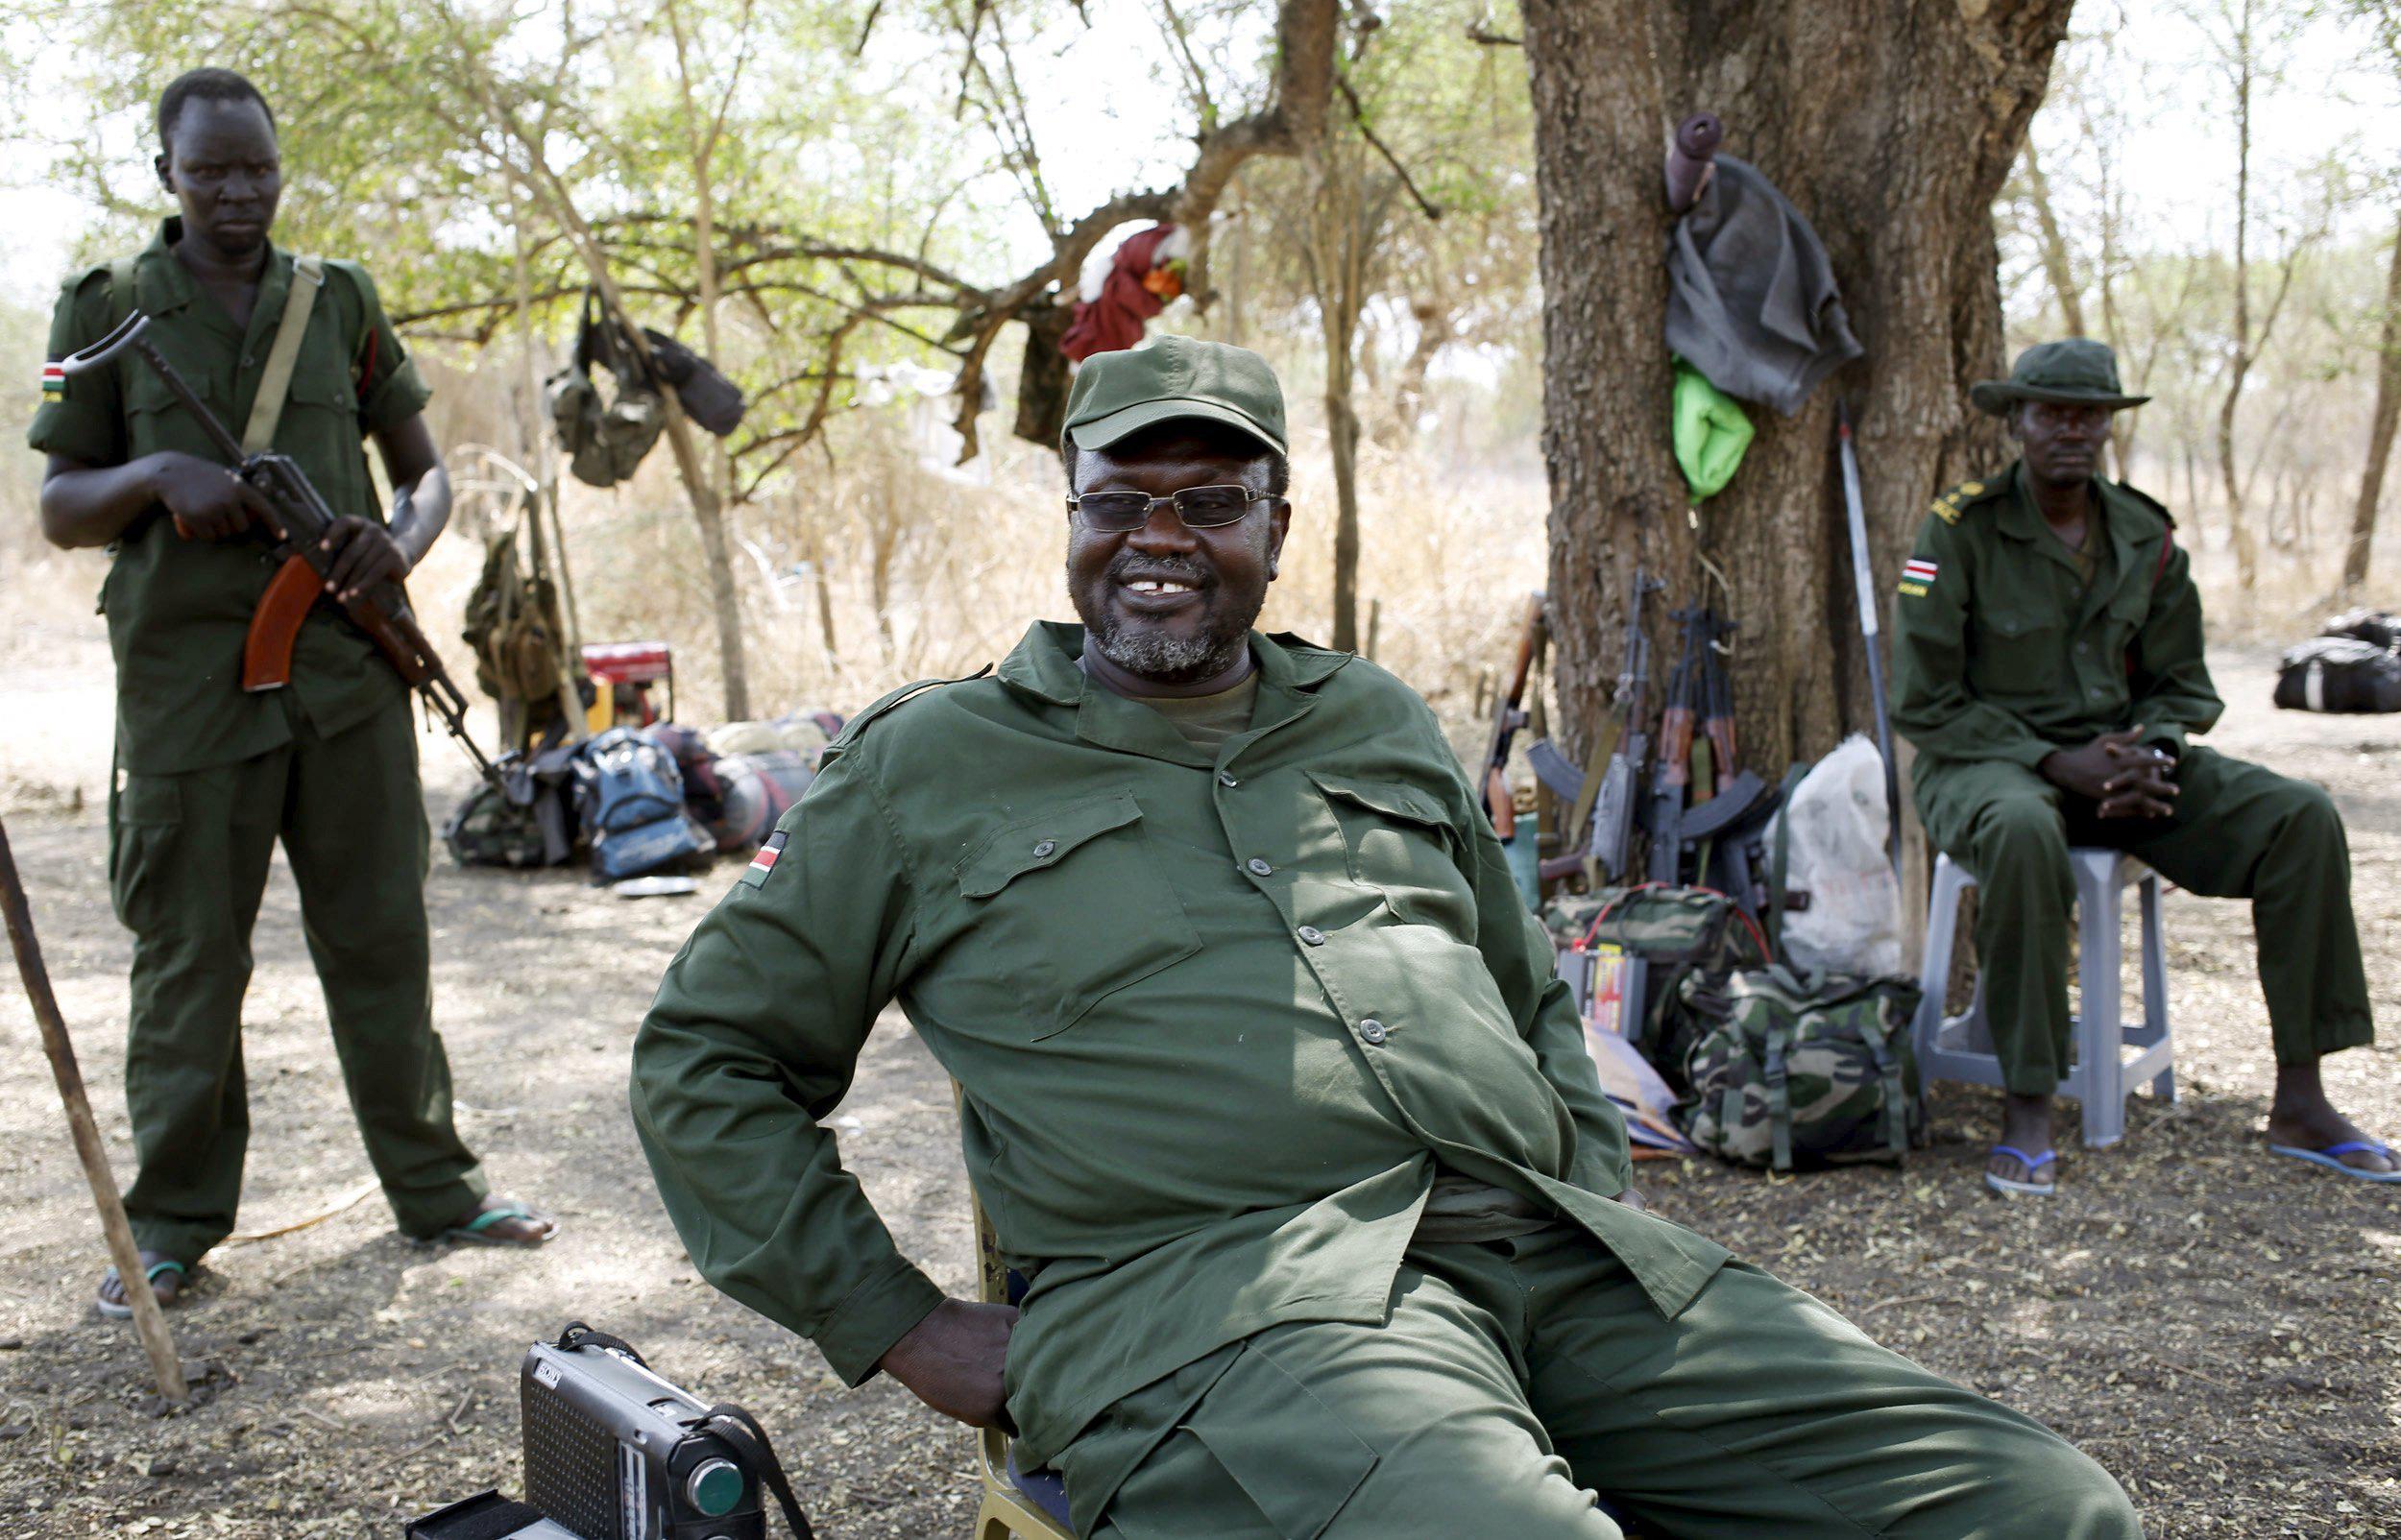 South Sudan's rebel leader Riek Machar sits near his men in a rebel-controlled territory in Jonglei State, South Sudan Jan. 31, 2014.